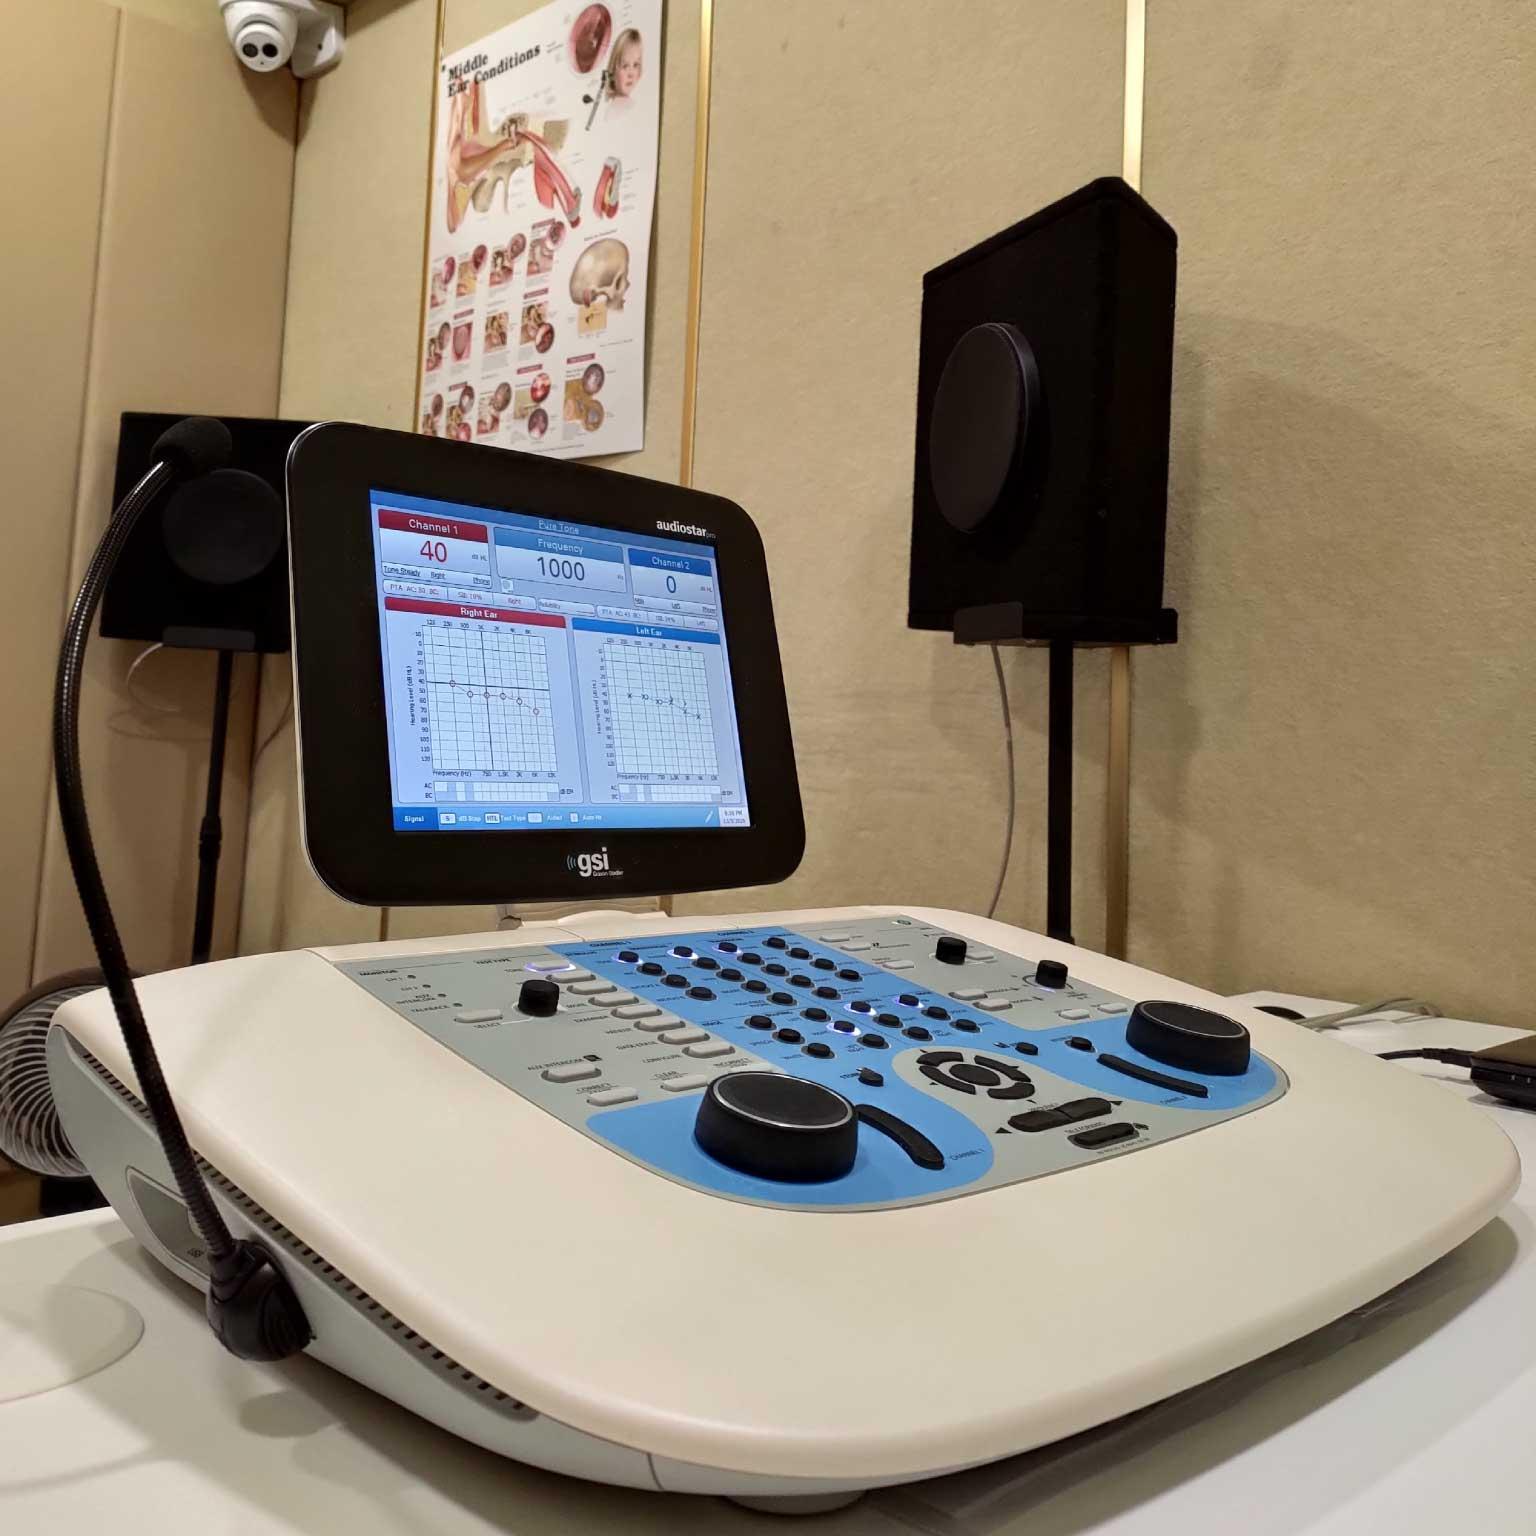 聽力檢查費用 | 聽覺測試/驗耳 | 長者聽力測試 - EasyHear 清晰聽